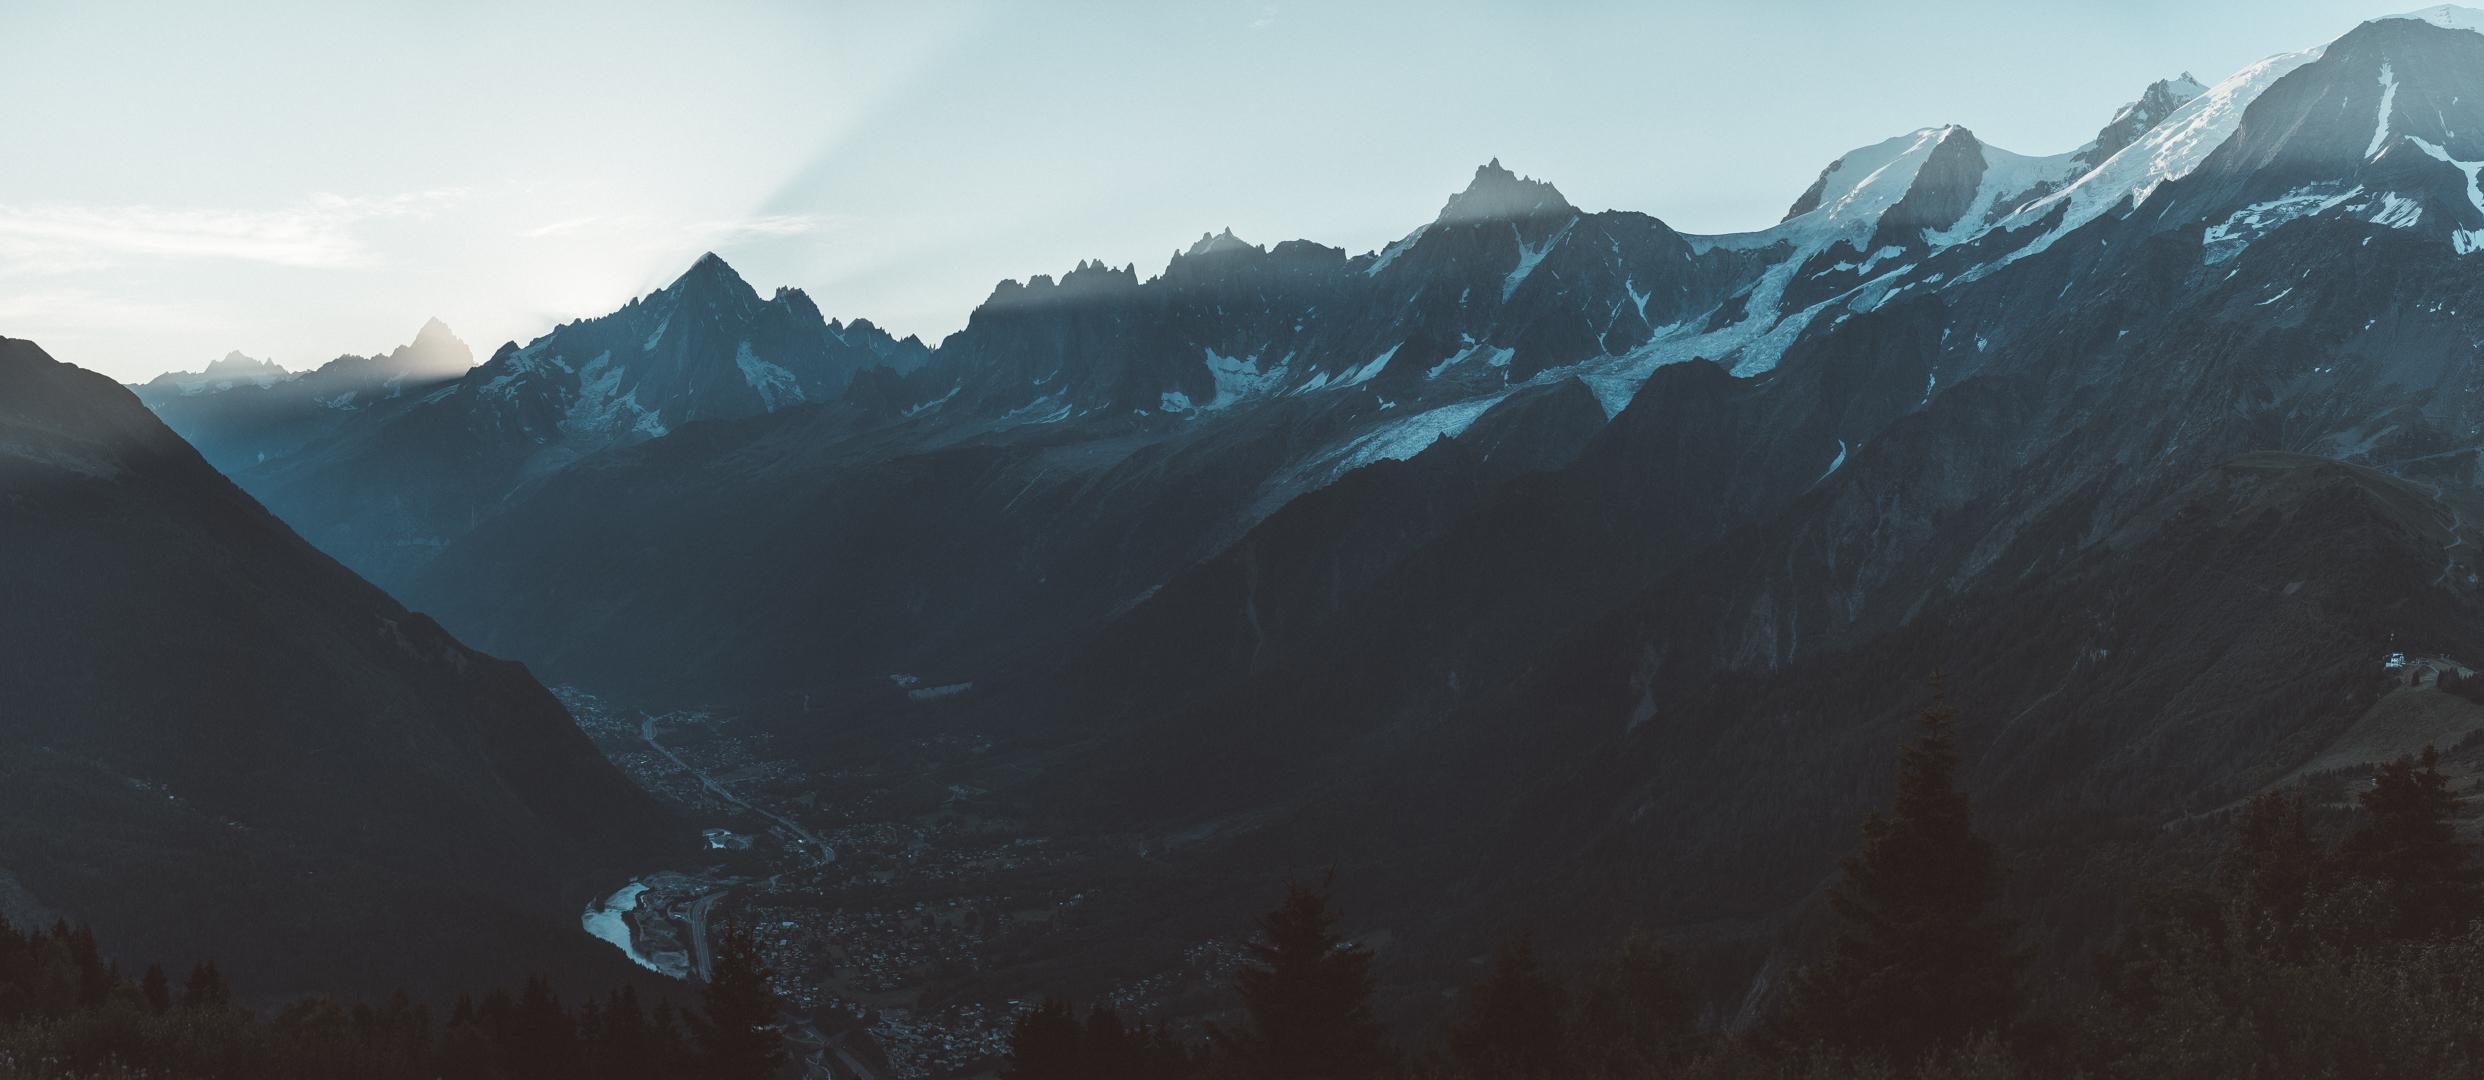 Prarion Sunrise 1080p.jpg